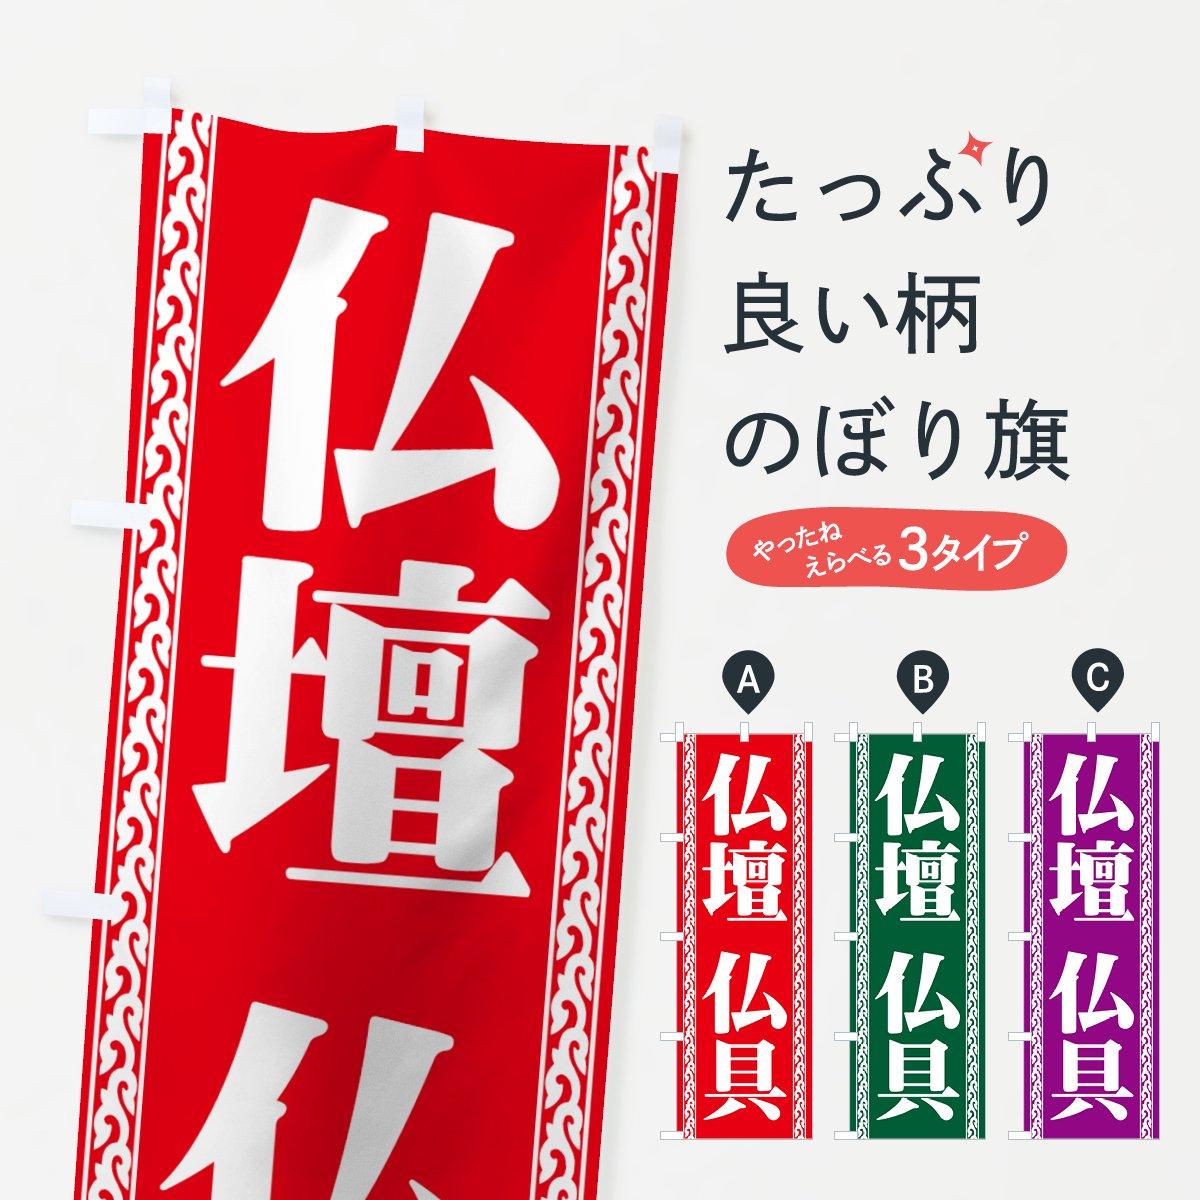 仏壇仏具のぼり旗【神具・仏具】[小売業]